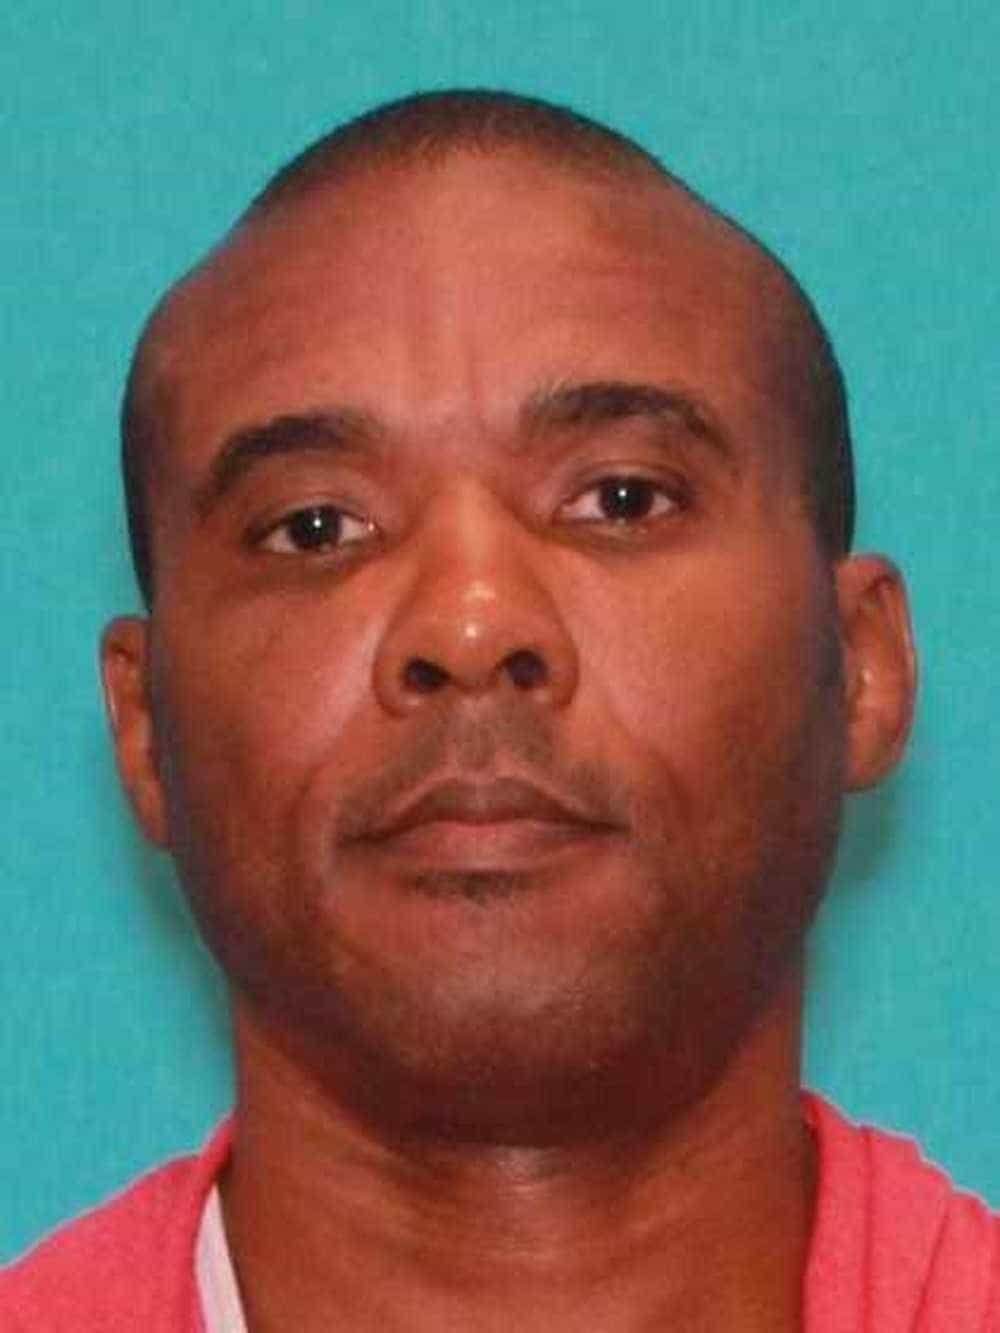 Lutador de MMA acusado de assassinato foge e é capturado depois de 9h